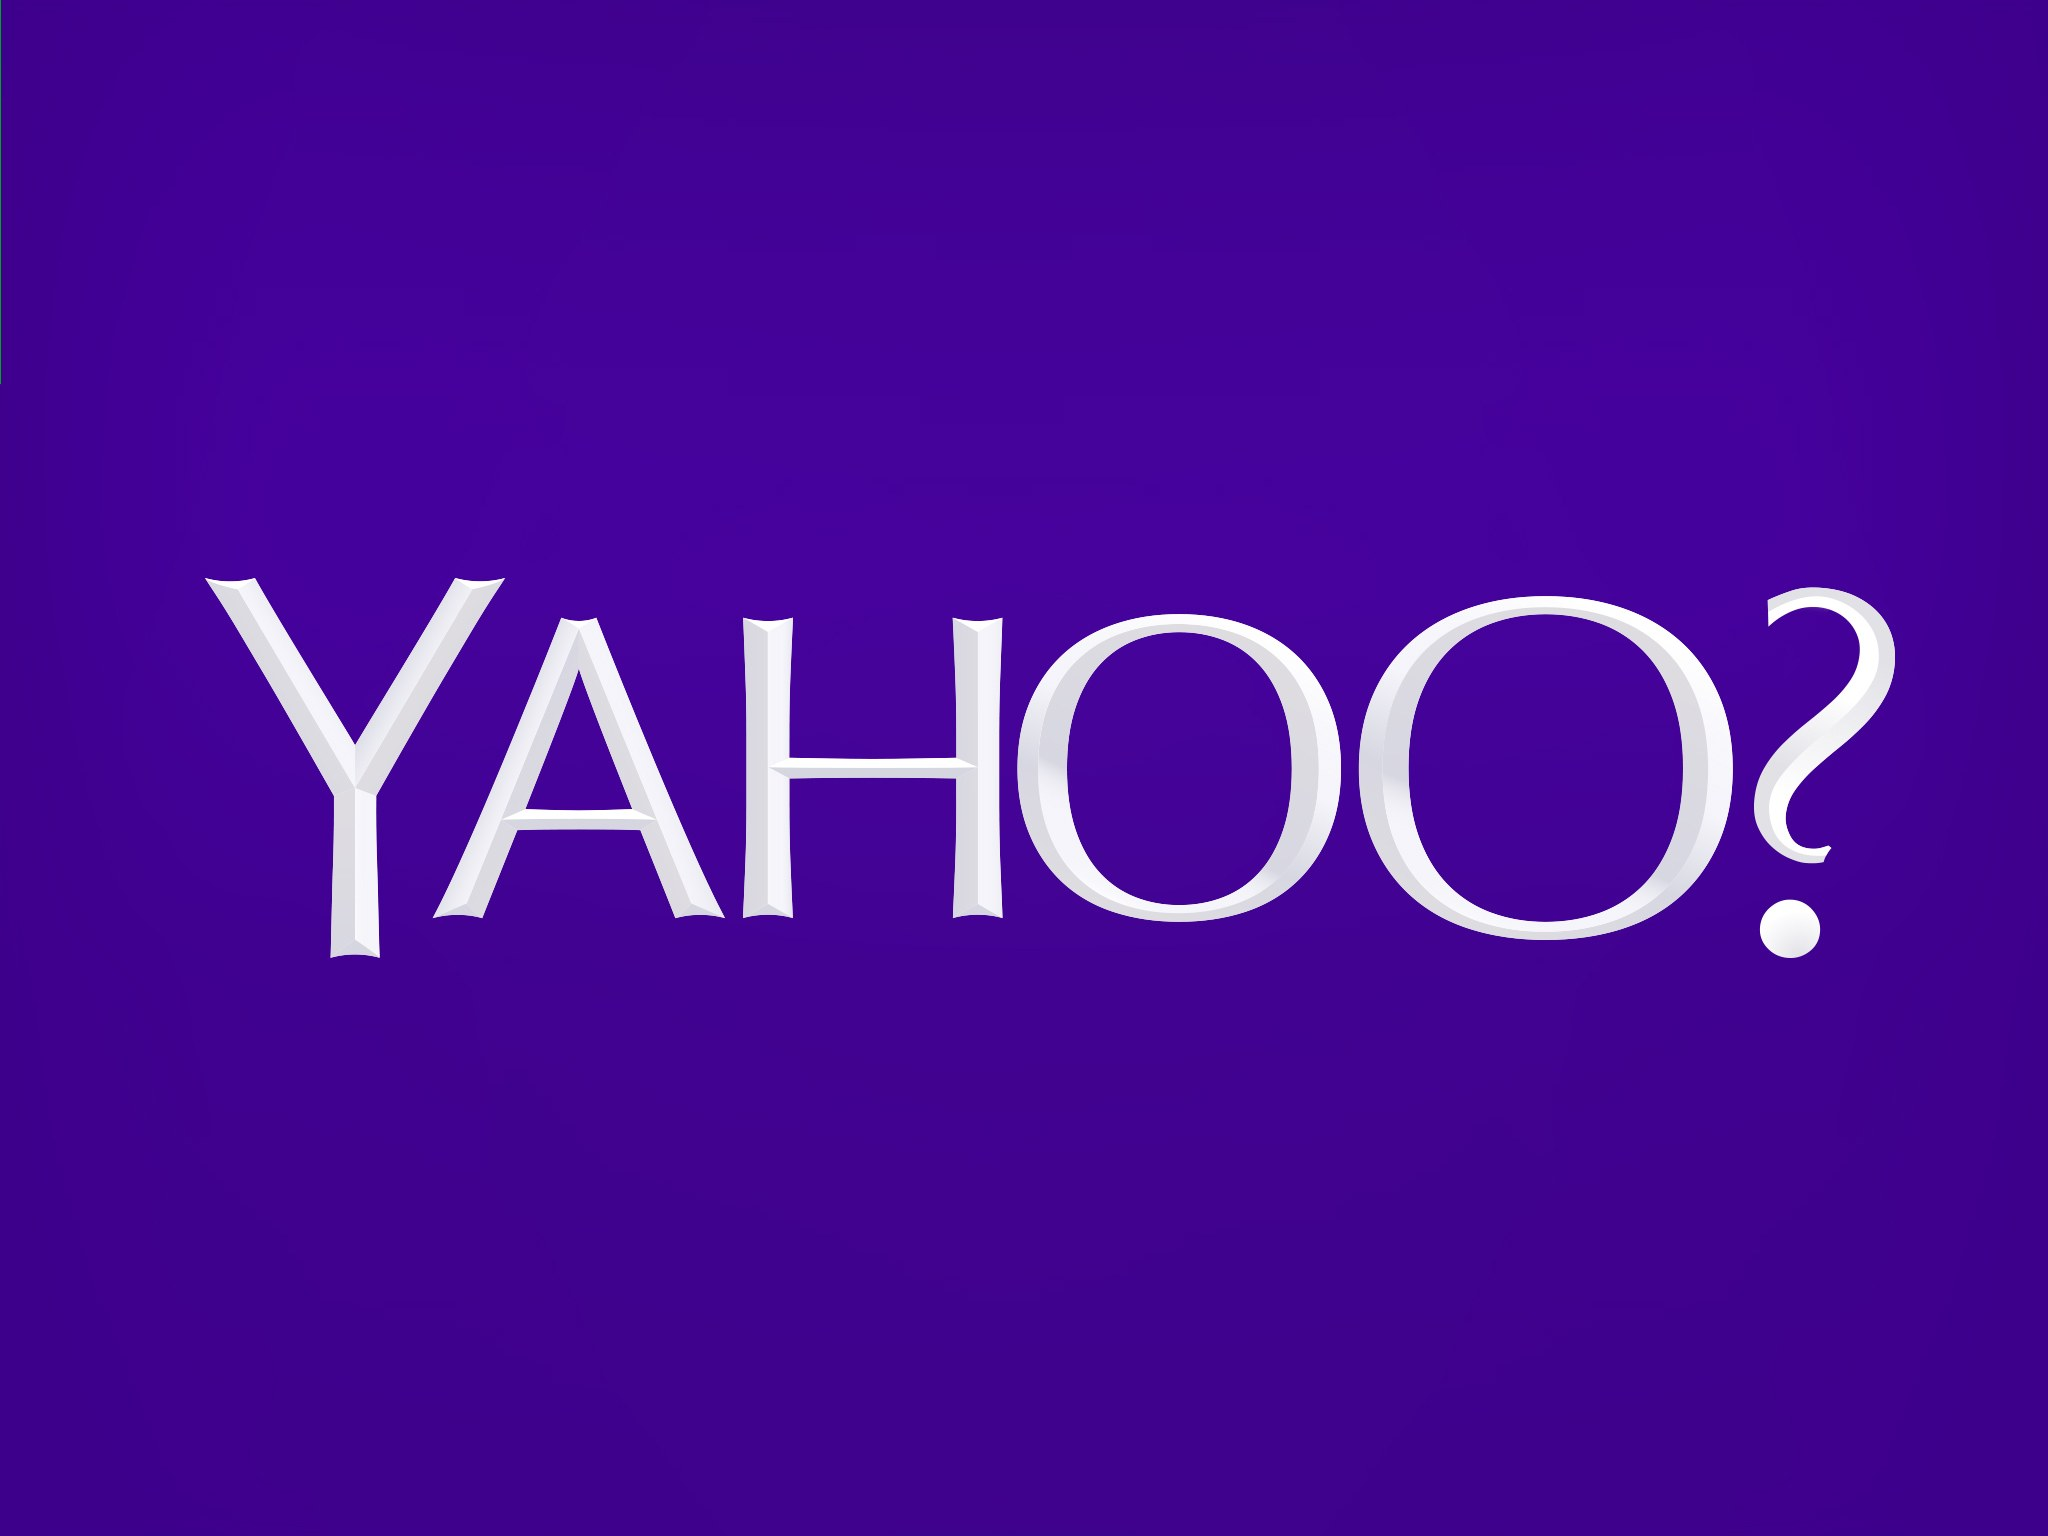 بالتفاصيل تعرف على قصة نجاح موقع yahoo  بالتفاصيل تعرف على قصة نجاح موقع yahoo 87